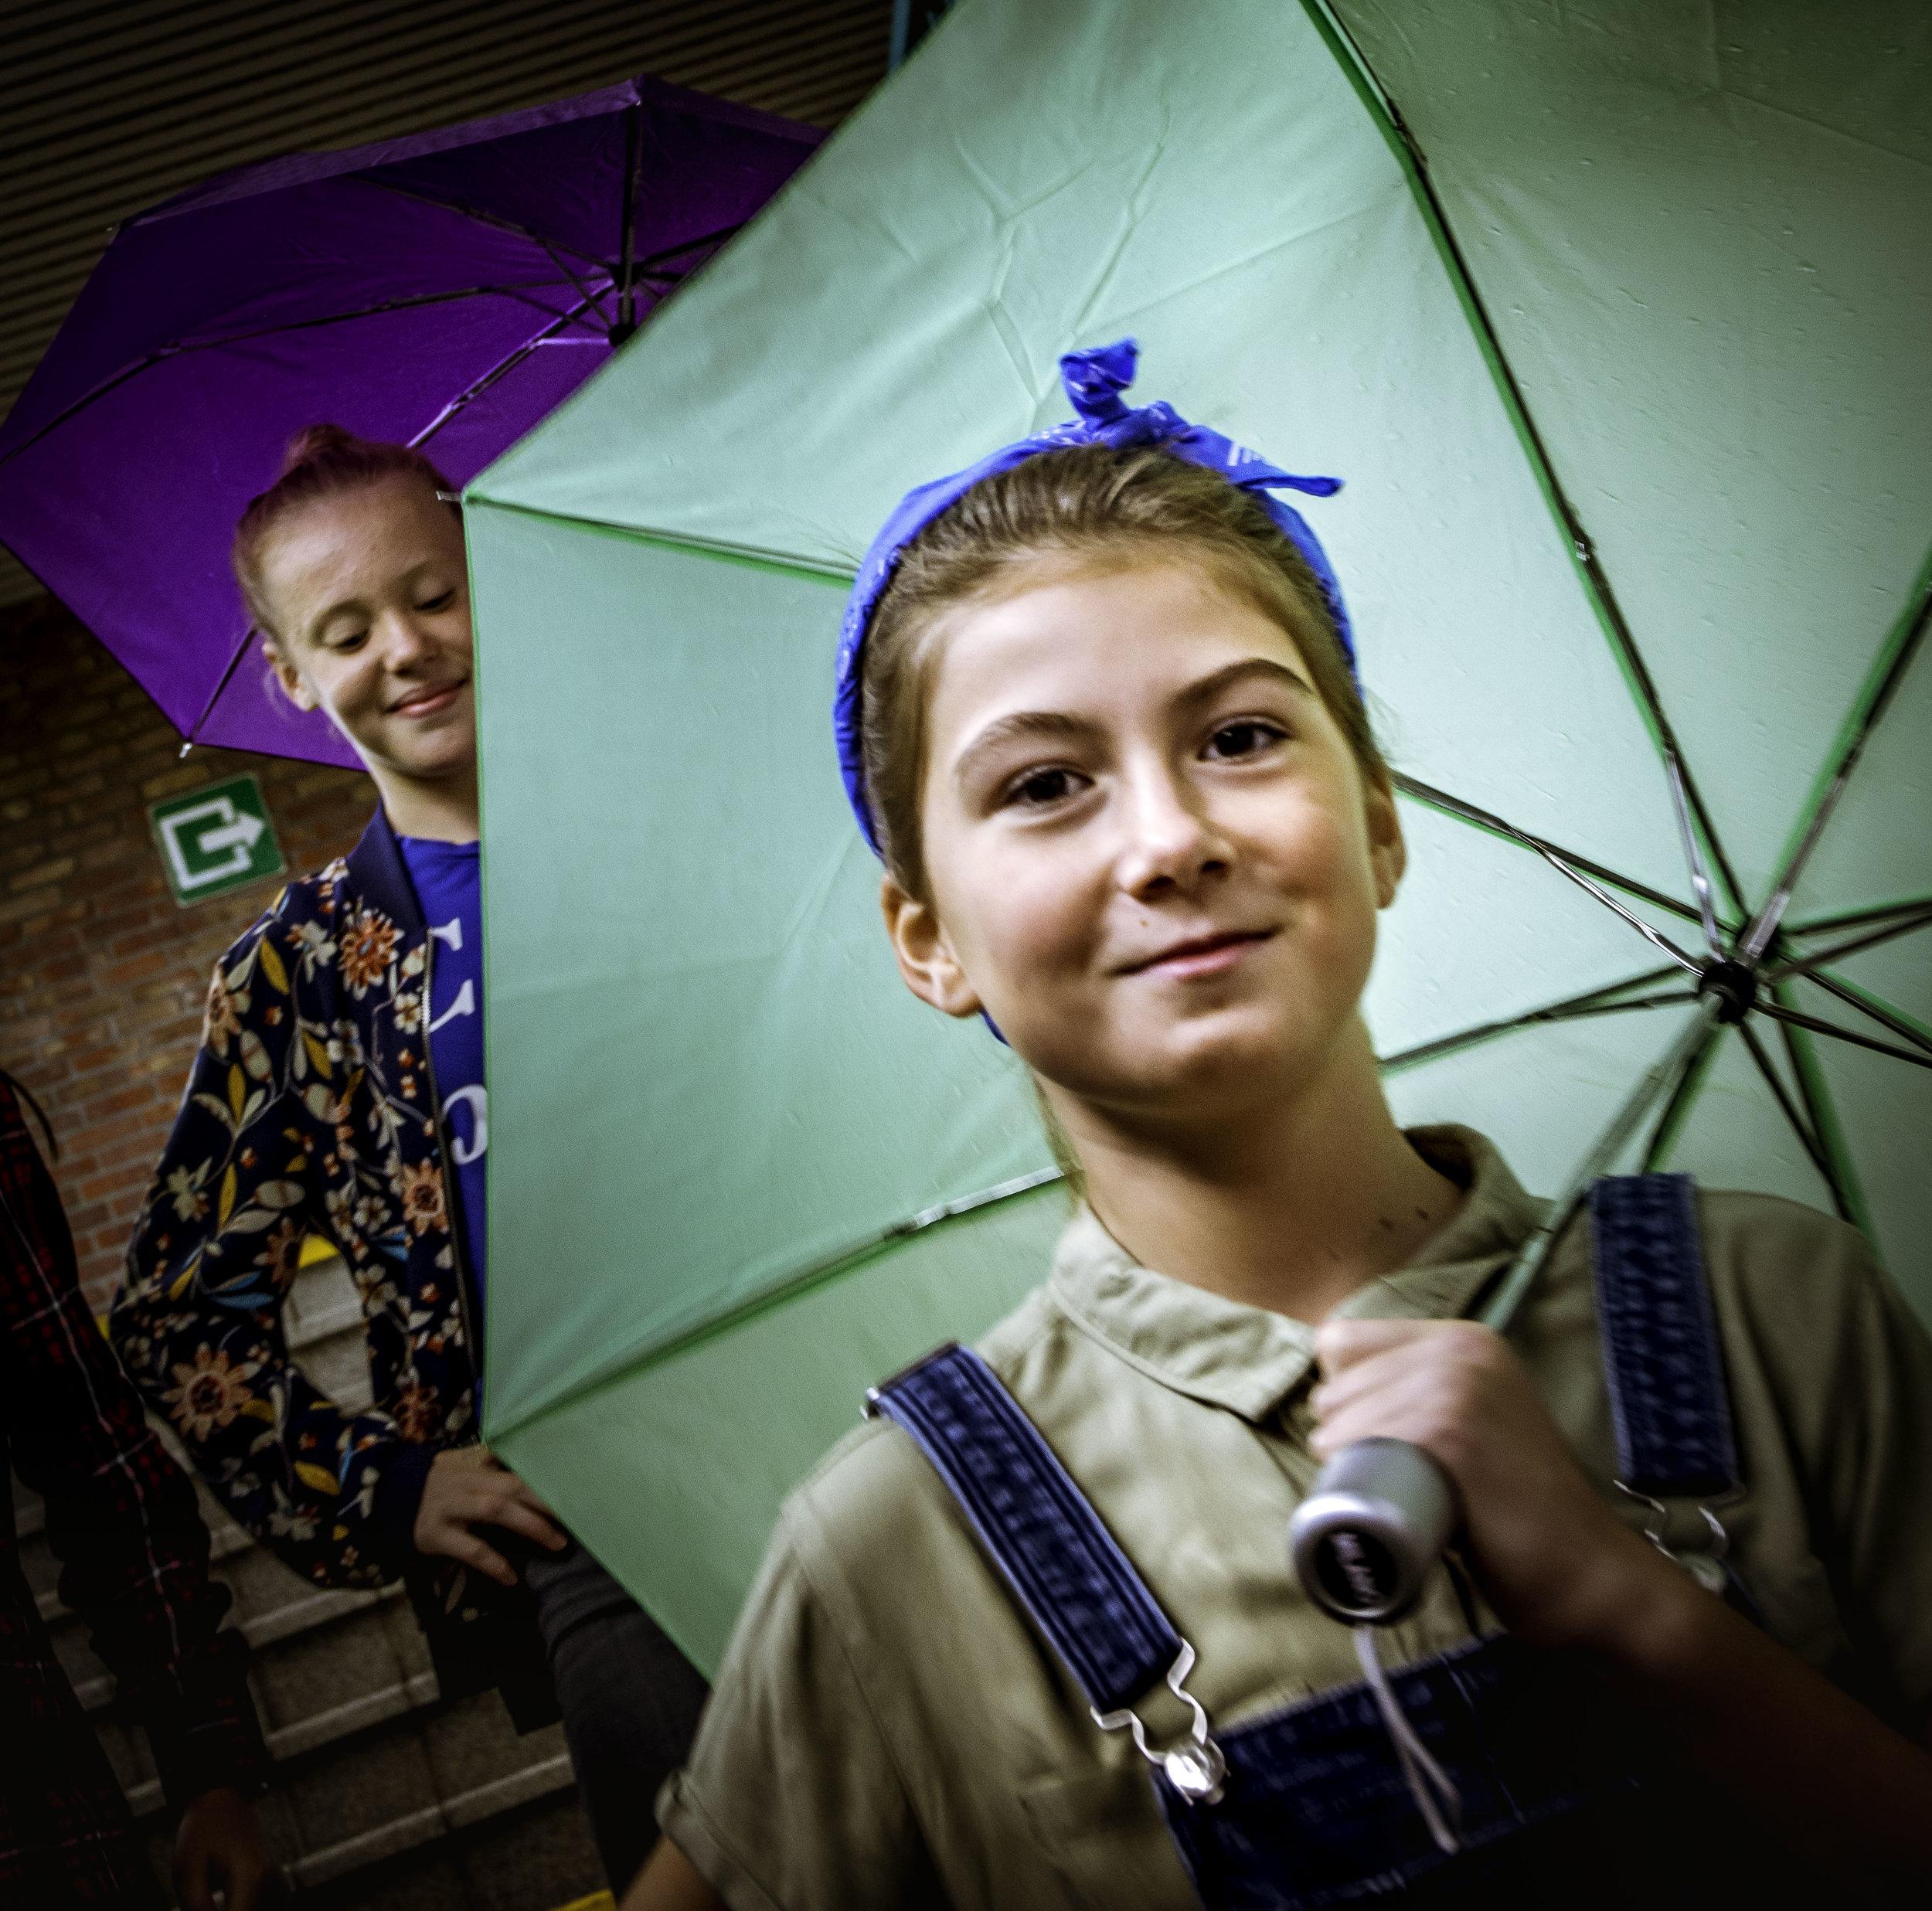 viewfinder-creativeboody-fotoshoot-origineel-verjaardagsfeestje-tieners-jasmijn-8.jpg